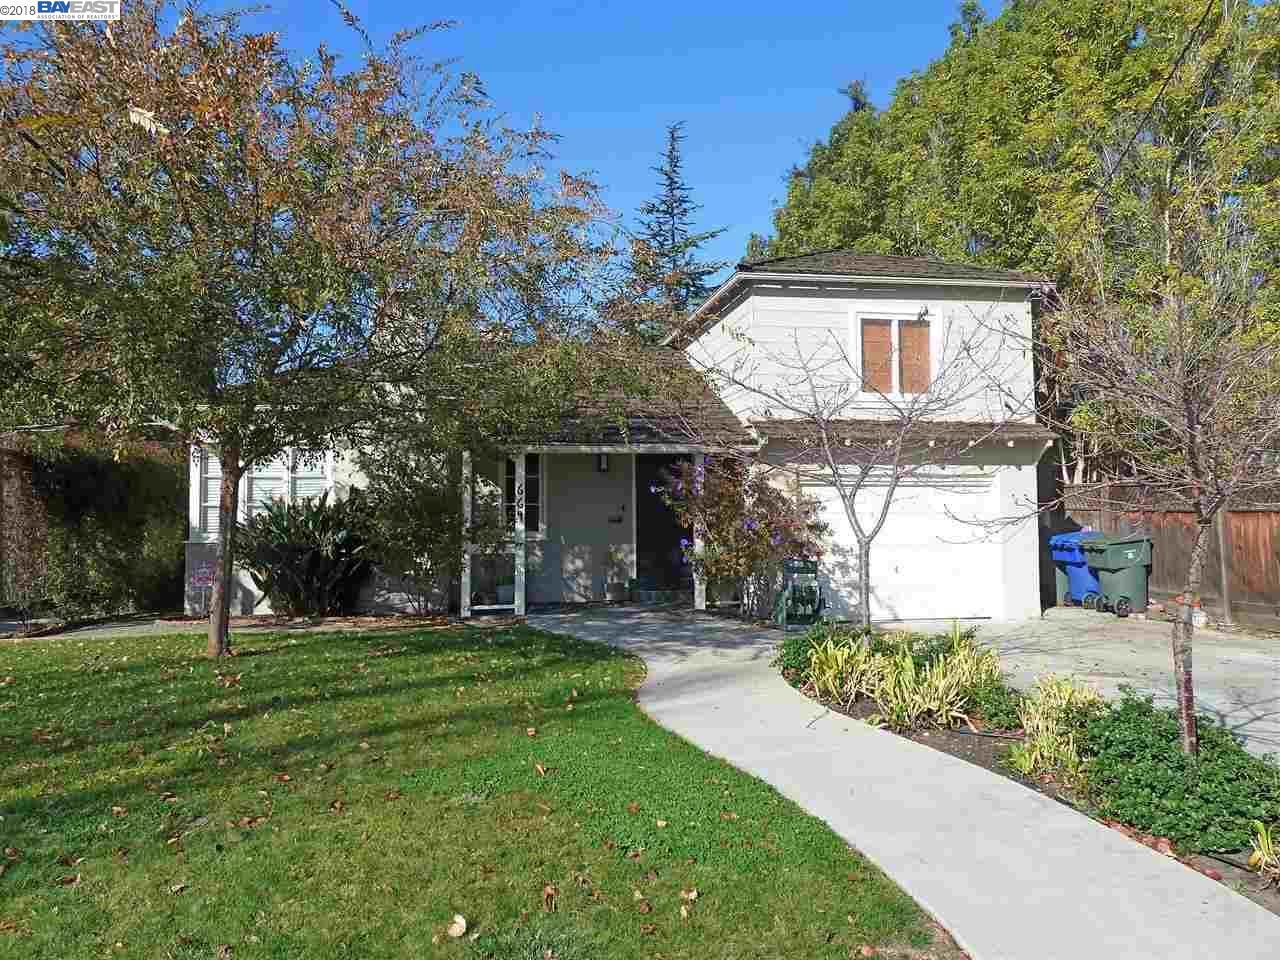 Einfamilienhaus für Mieten beim 664 VICTORIA COURT 664 VICTORIA COURT San Leandro, Kalifornien 94577 Vereinigte Staaten